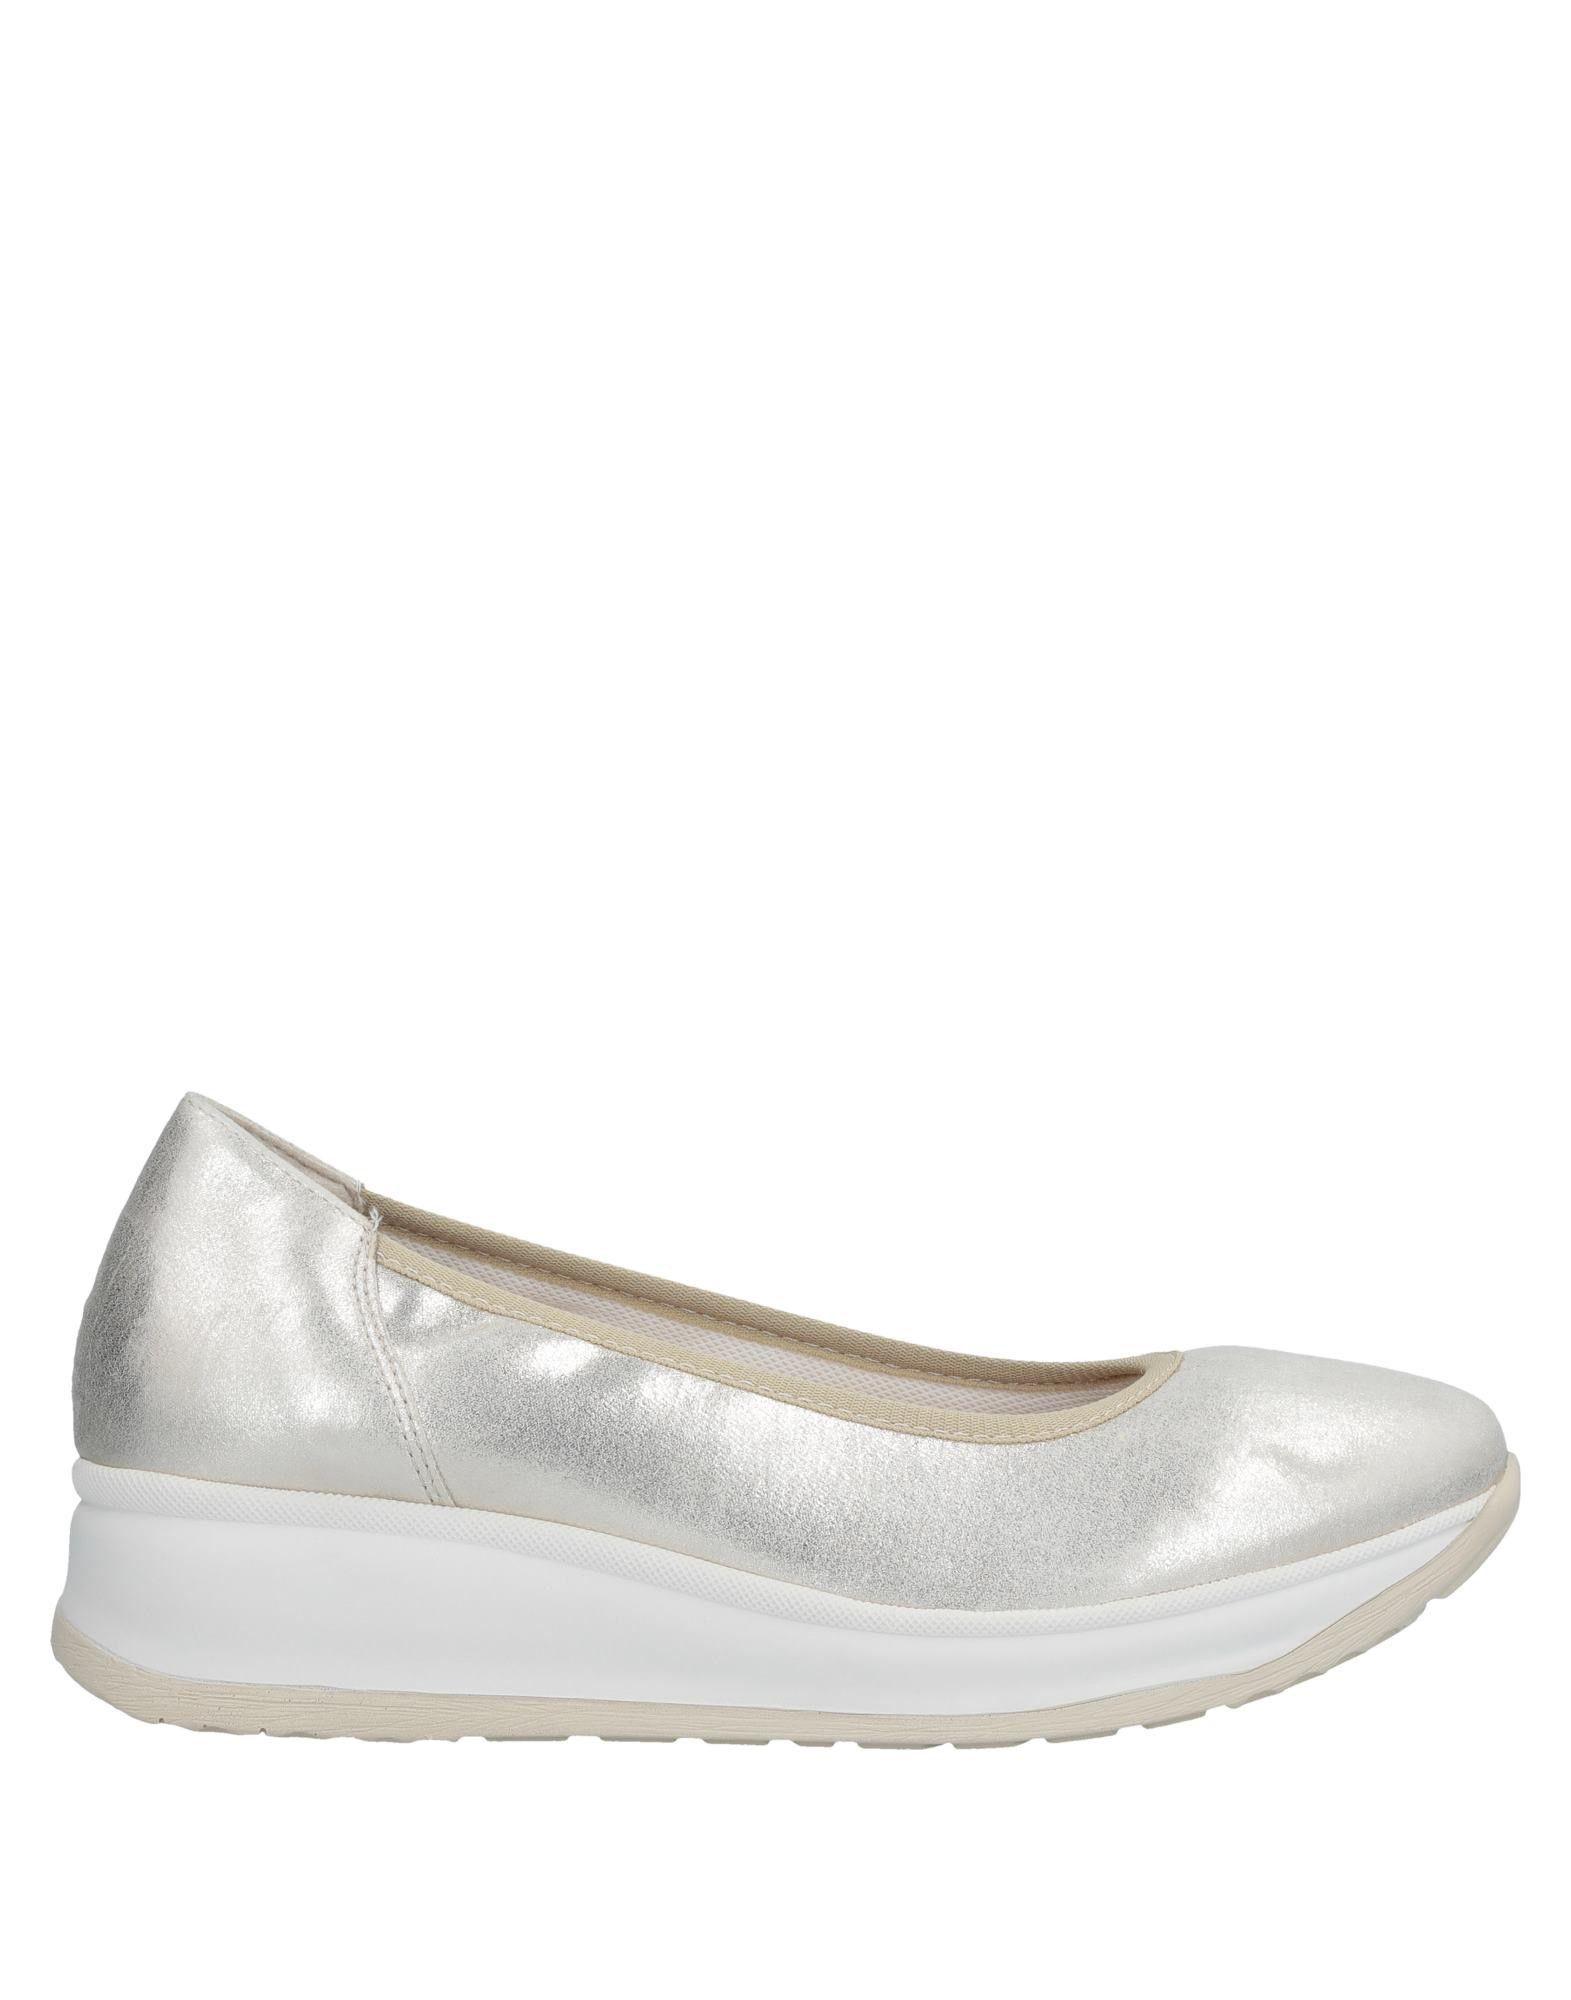 Grünland Pumps Damen  11529464HC Gute Qualität beliebte Schuhe